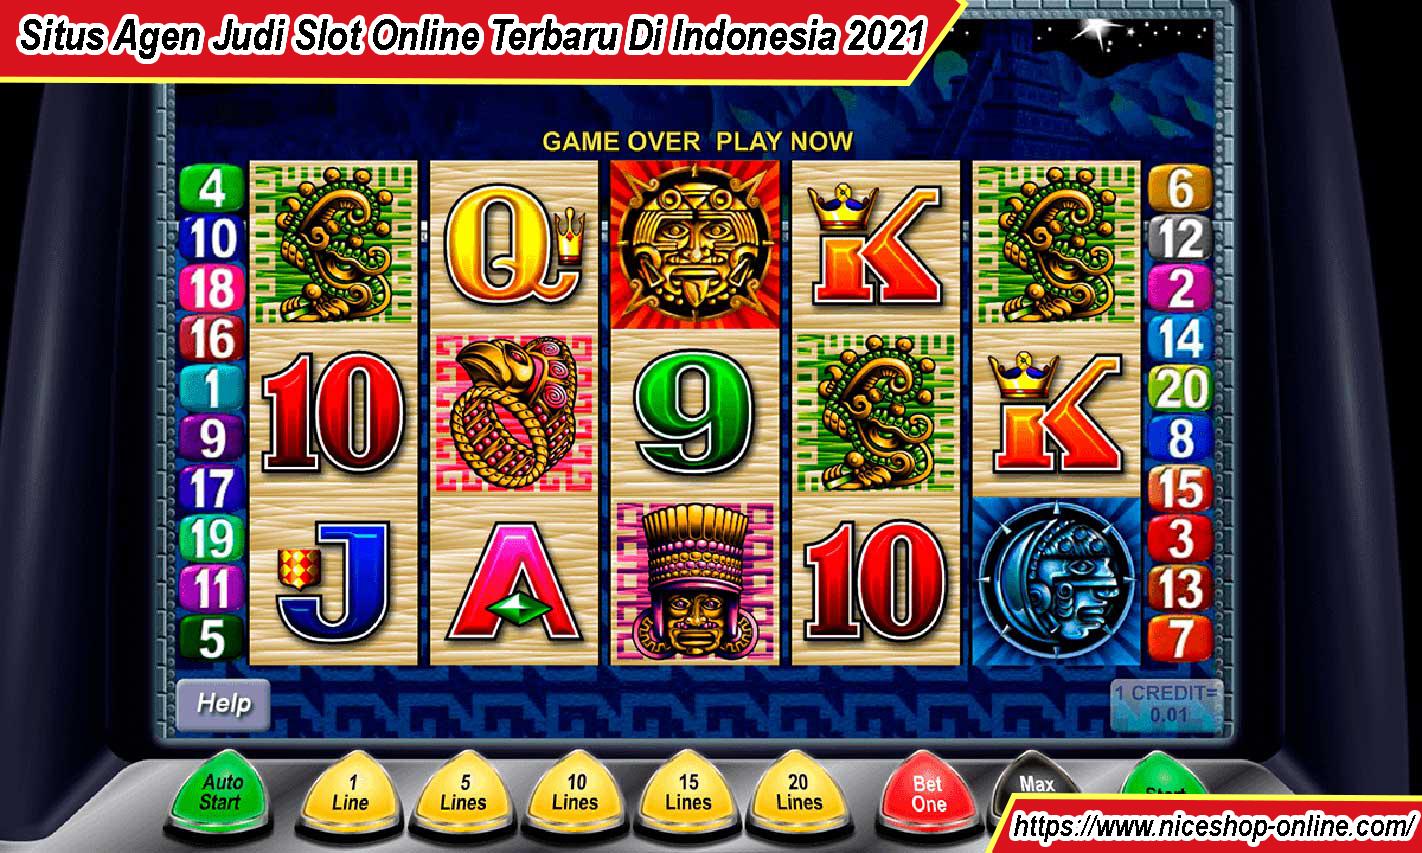 Situs Agen Judi Slot Online Terbaru Di Indonesia 2021